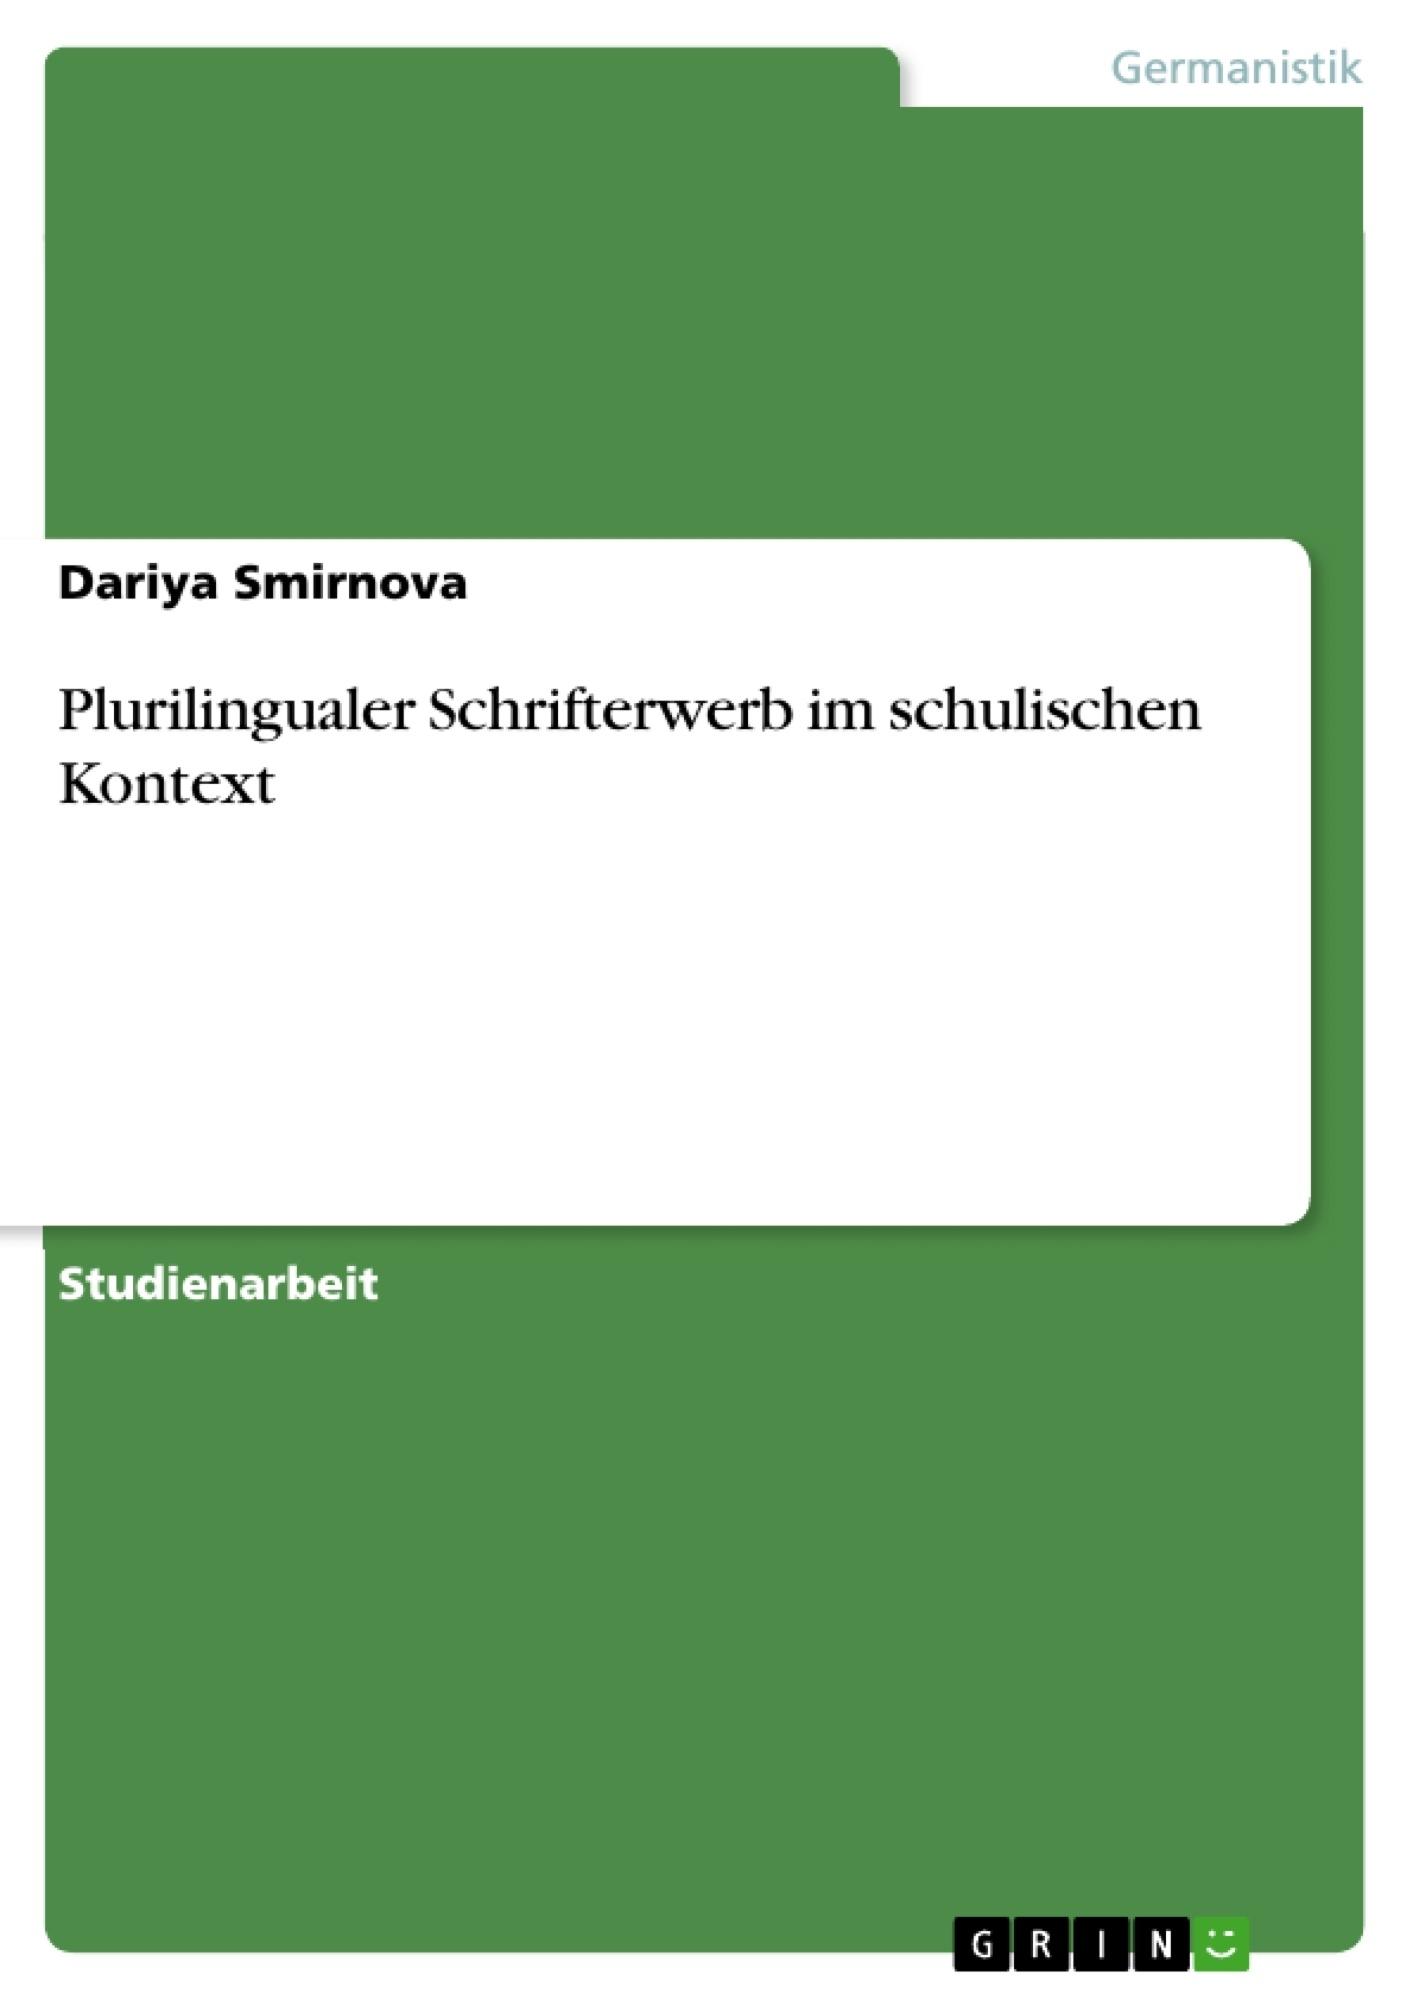 Titel: Plurilingualer Schrifterwerb im schulischen Kontext